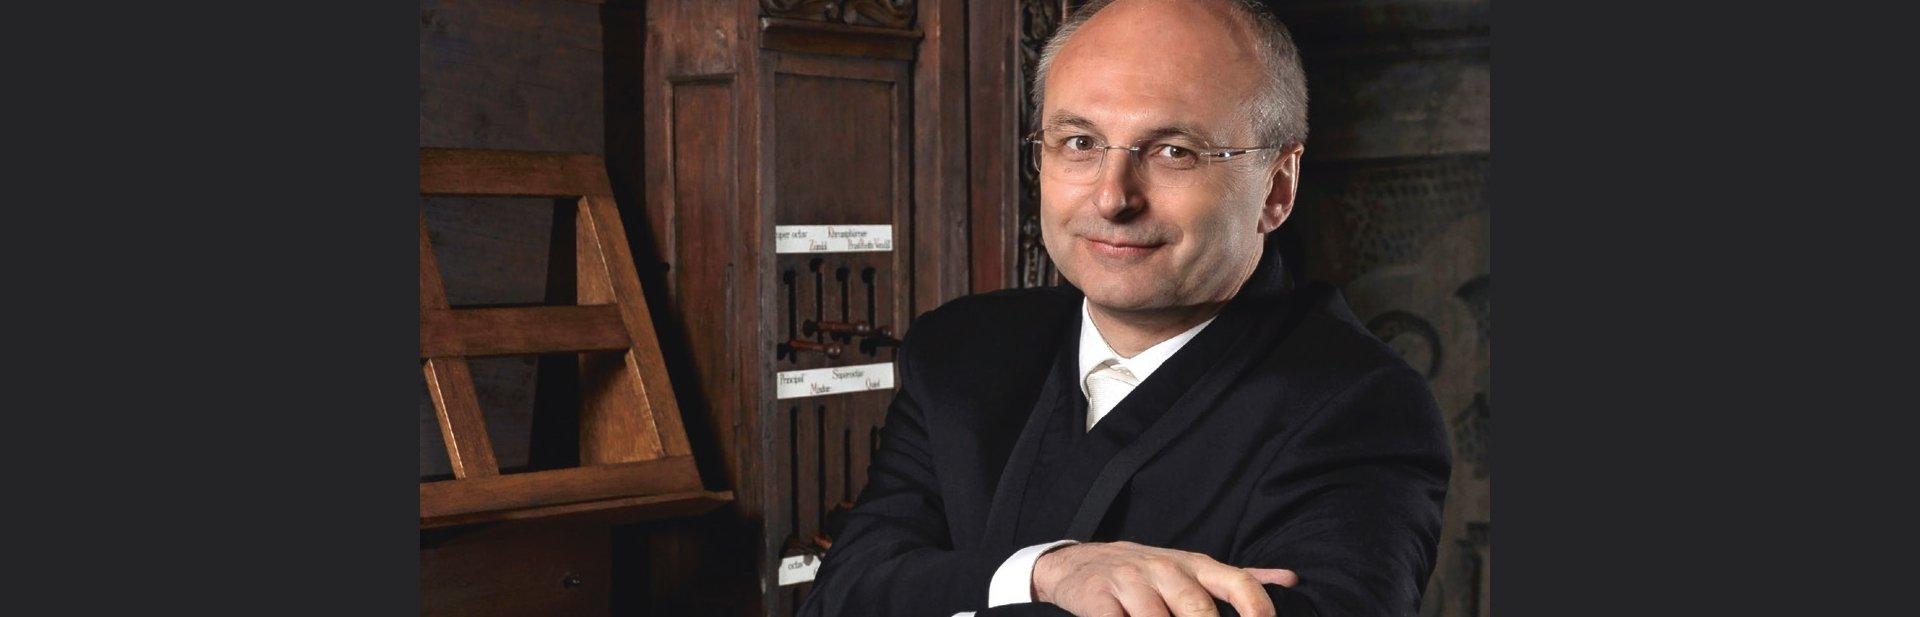 Galakonzert an der Festorgel,Univ.-Prof. Johannes Ebenbauer